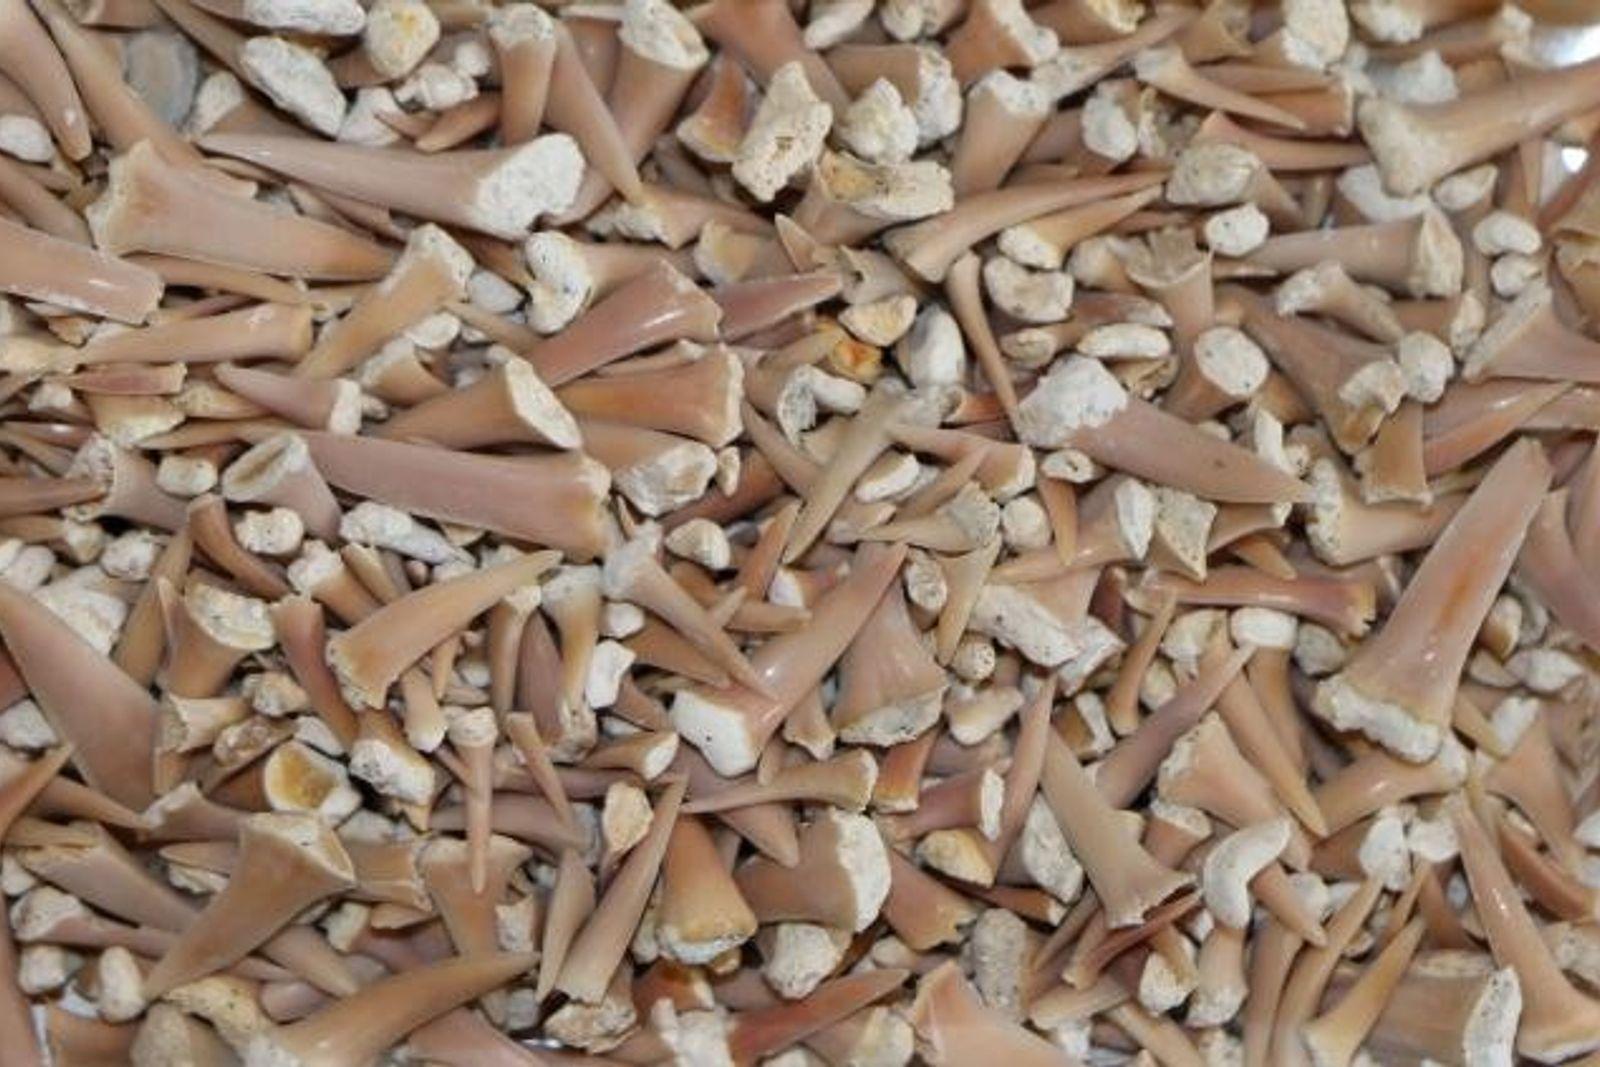 Wissenschaftler untersuchten alte Haizähne. Da Haiskelette aus Knorpeln bestehen und kaum versteinern, stellen die stabileren Zähne ...